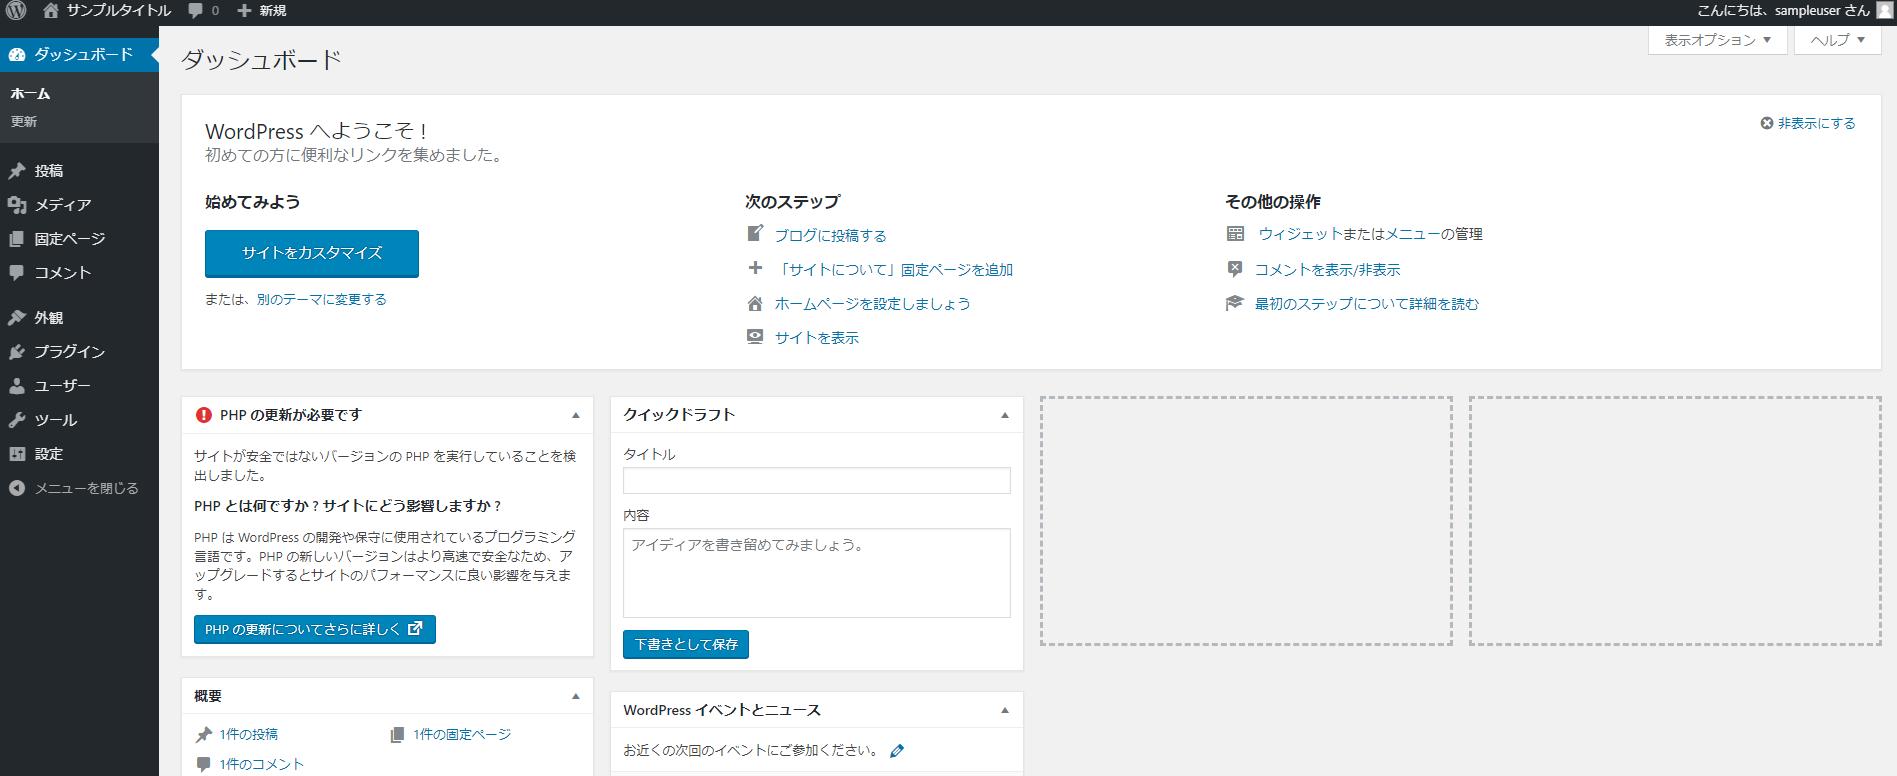 ワードプレス 管理画面